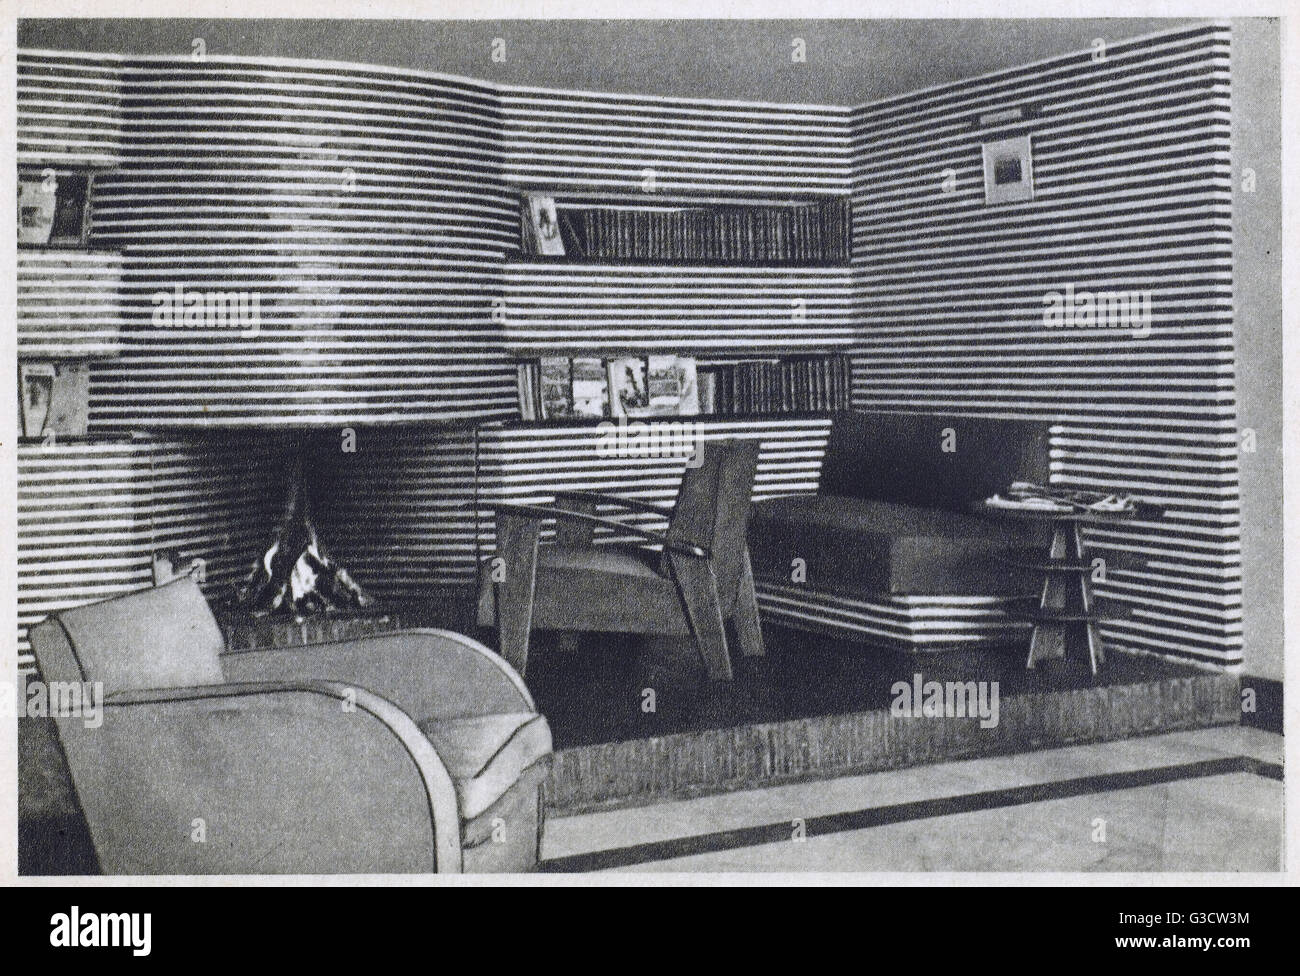 Vitesse datant de Chicago 30s